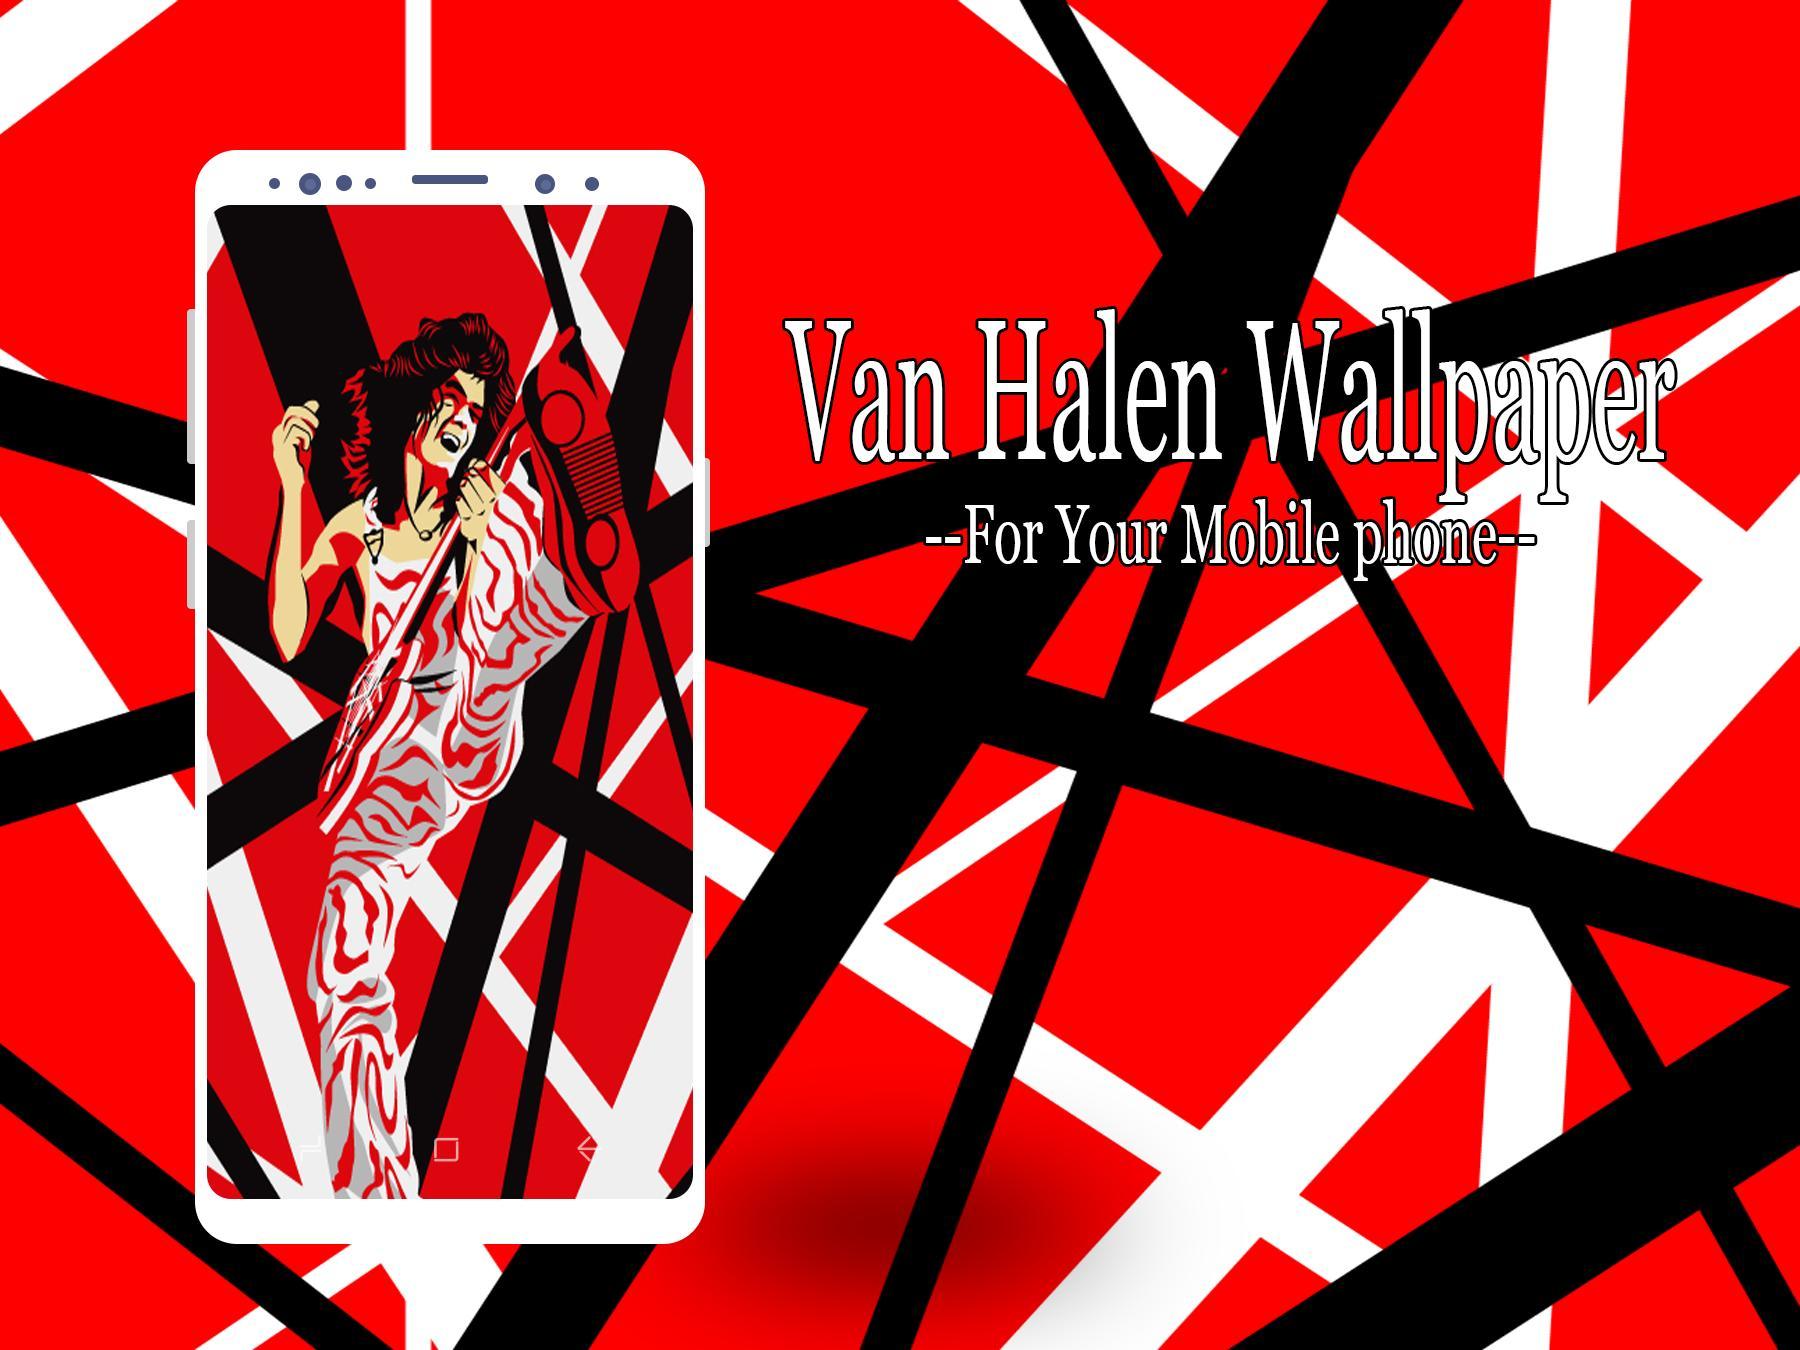 Van Halen Wallpaper For Android Apk Download